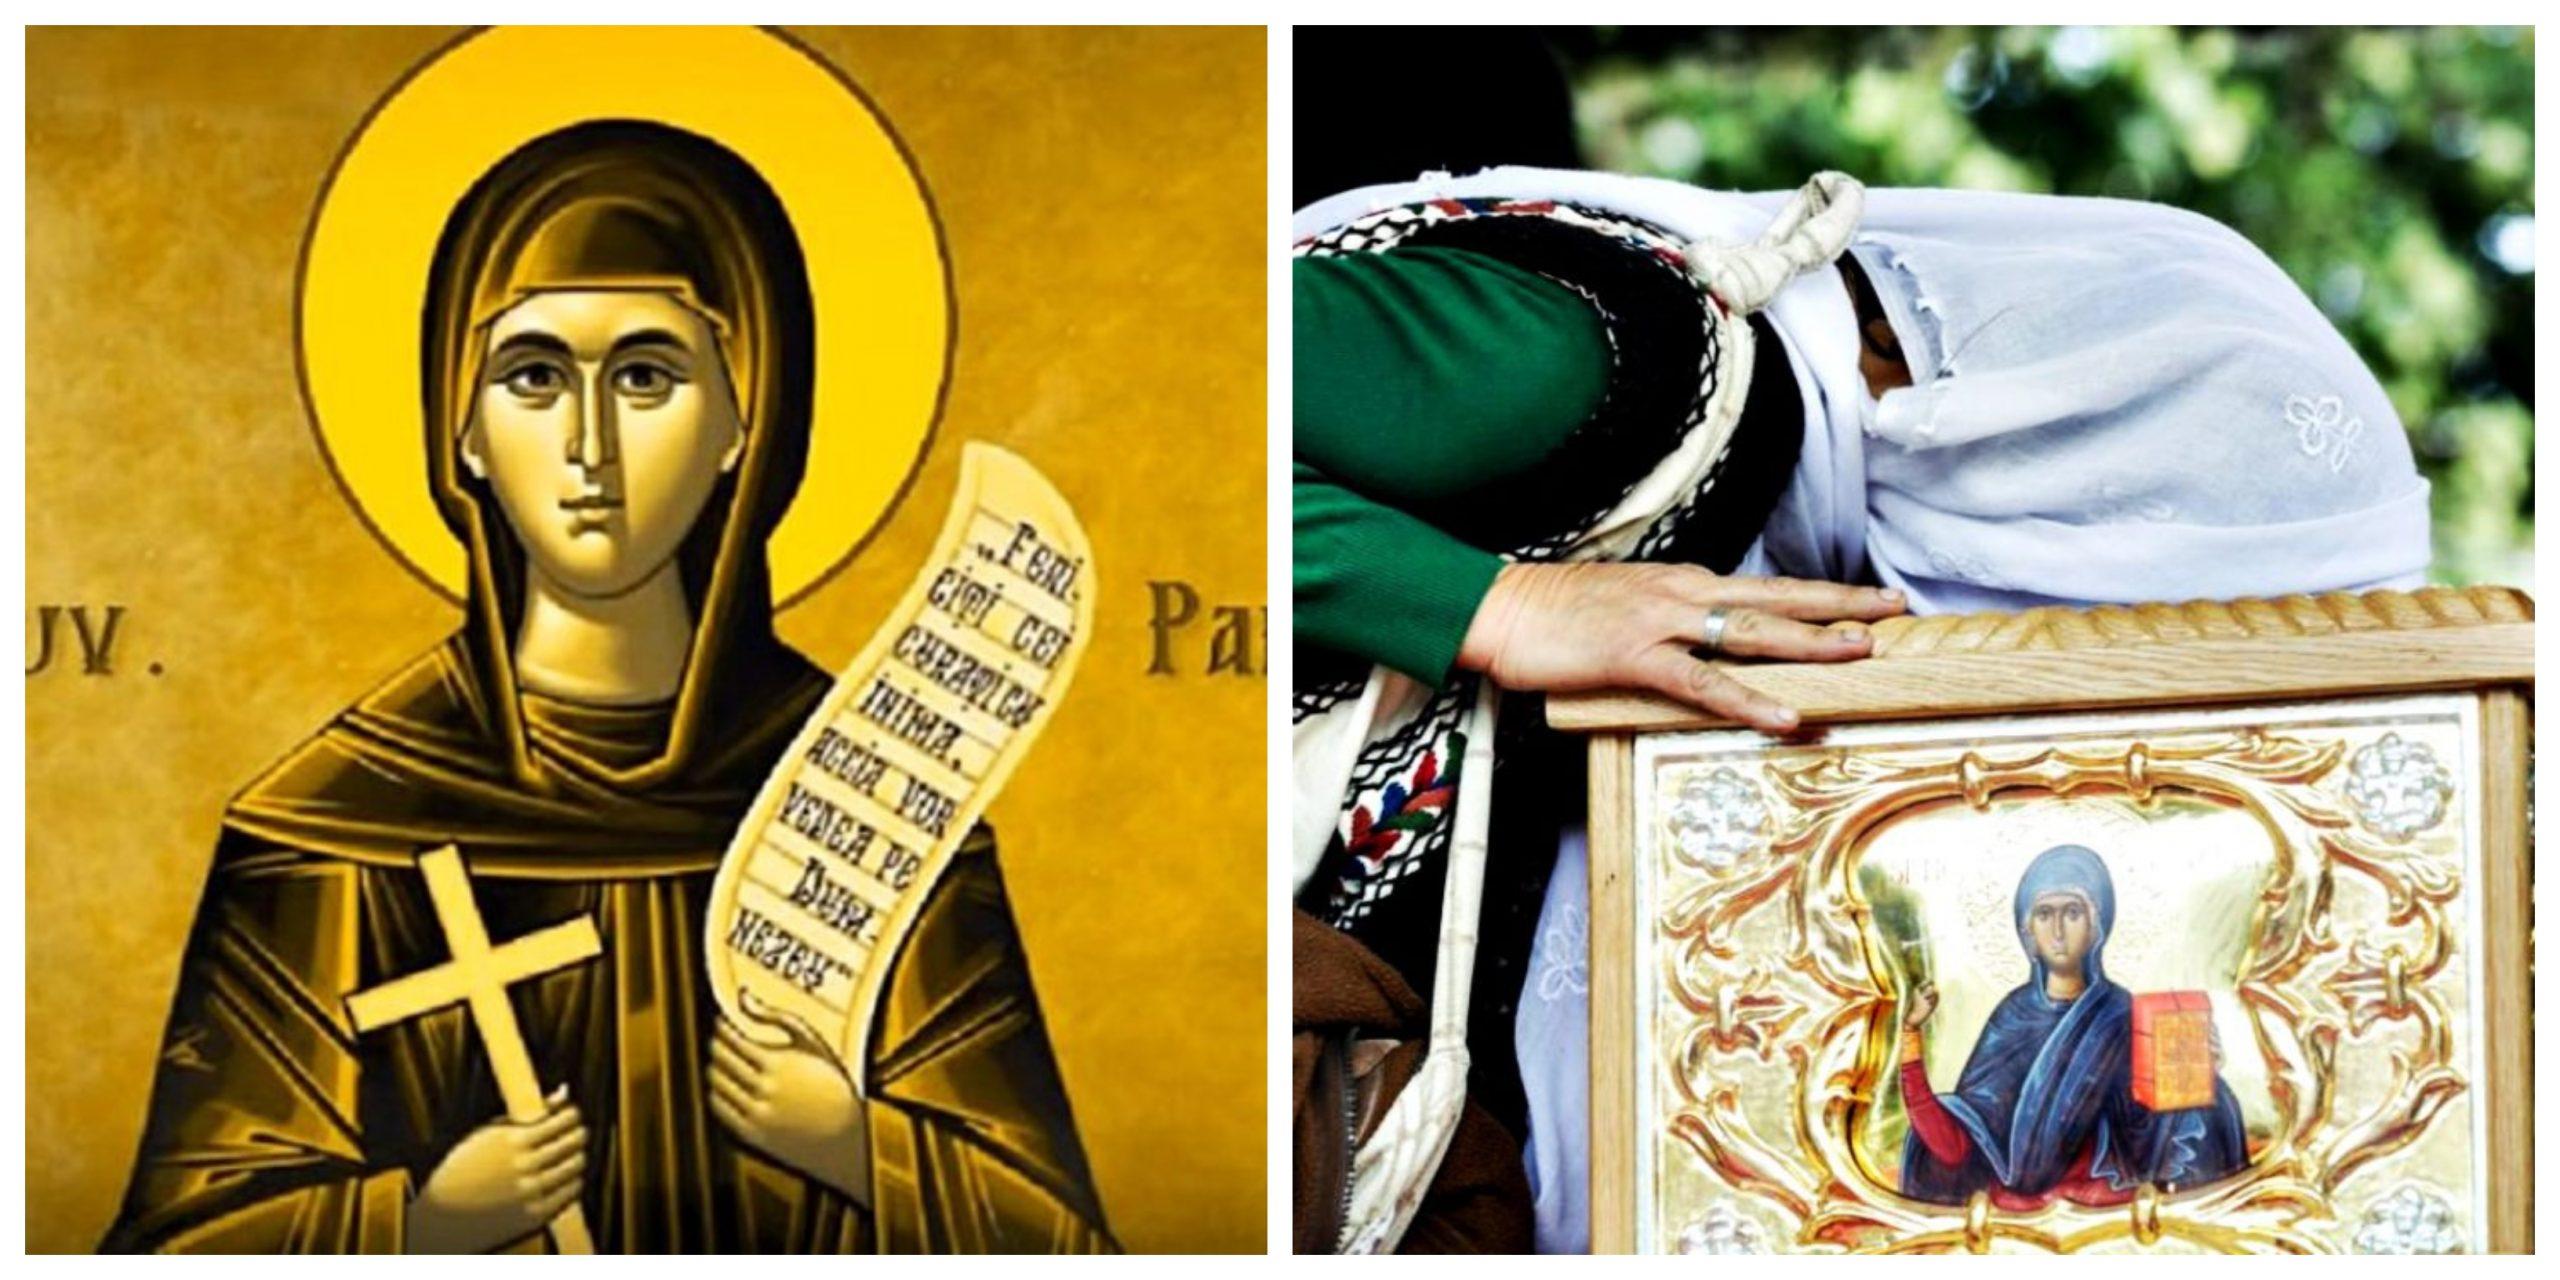 Ce să nu faci sub nicio formă de Sfânta Parascheva. Mare greșeală